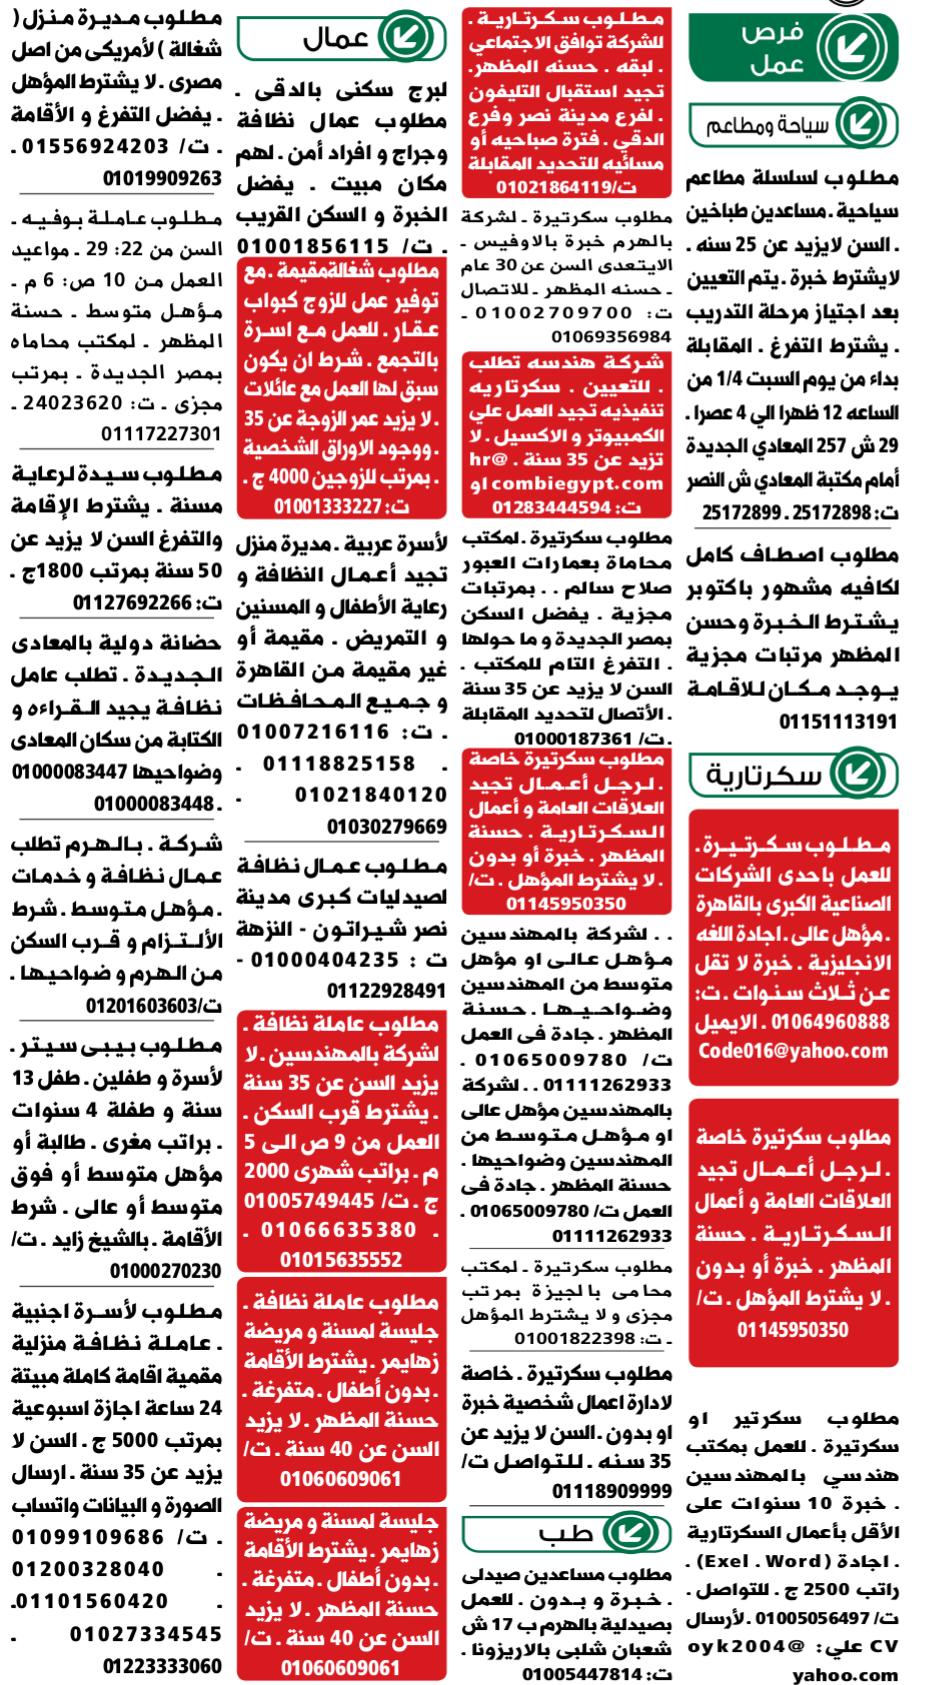 اعلانات وظائف الوسيط pdf الجمعة 17/7/2020 10